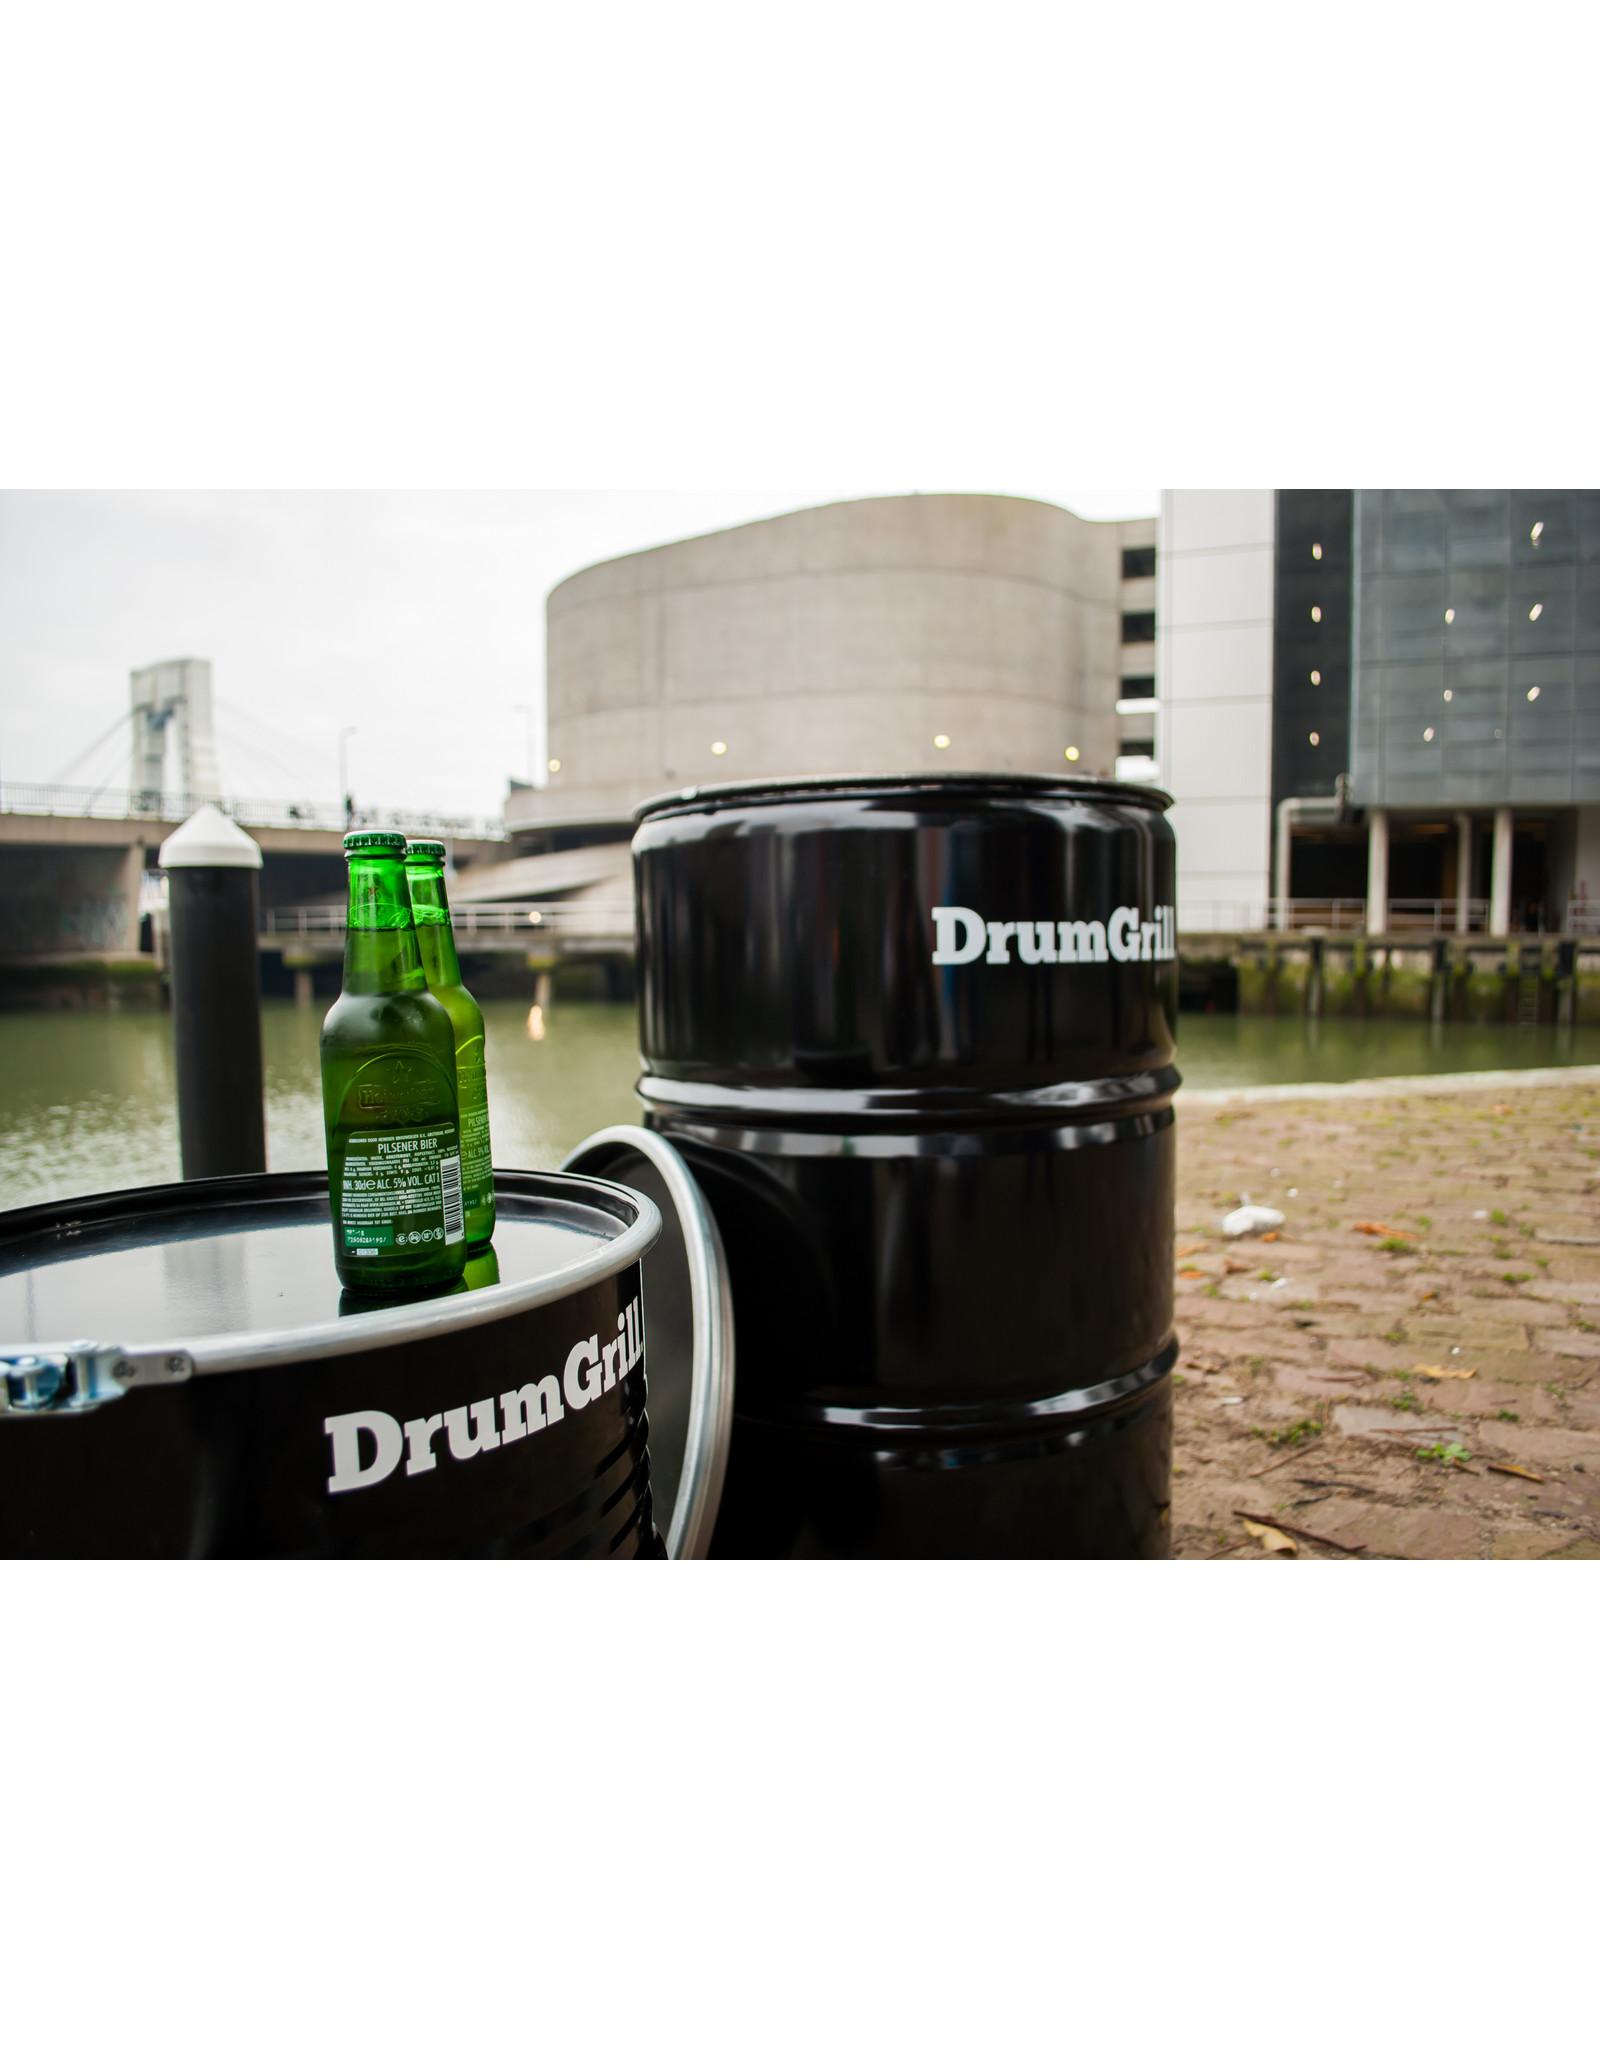 Drumgrill Drumgrill Big 200 Liter Holzkohlegrill, Feuerstelle, und Tischplatte